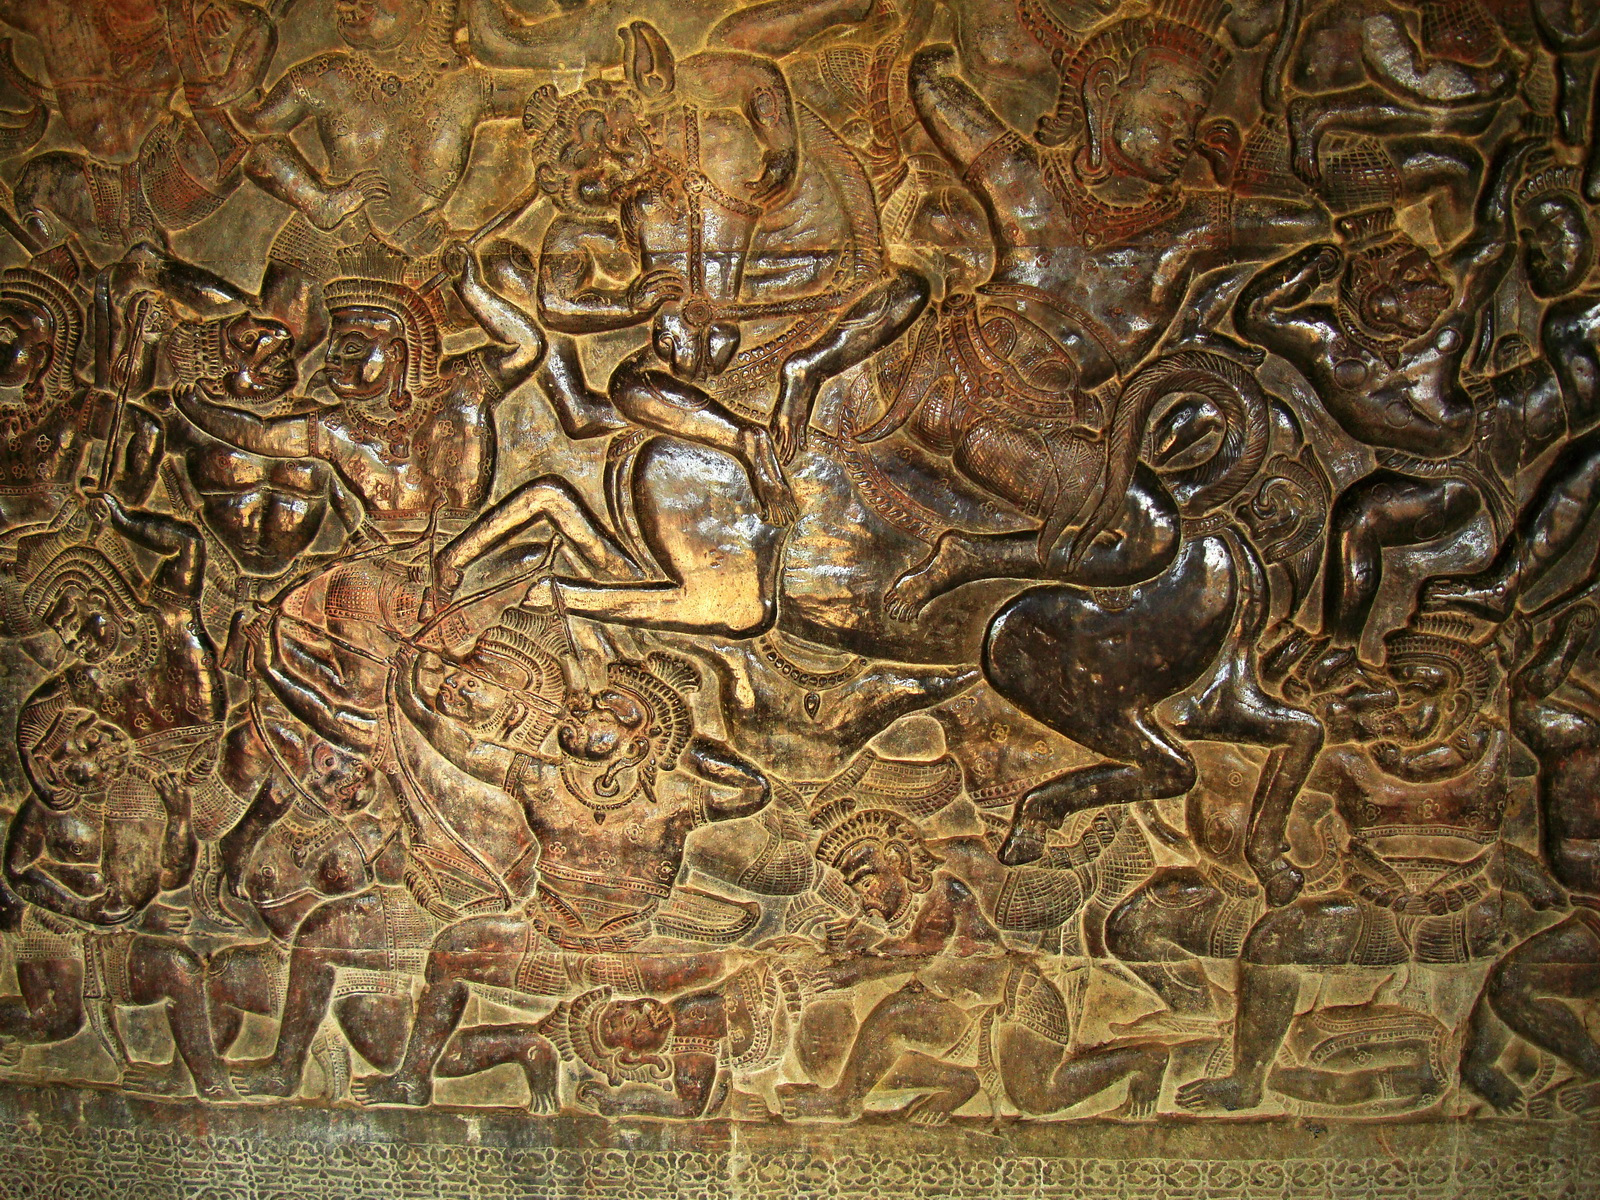 Angkor Wat Bas relief W Gallery N Wing Battle of Lanka 73